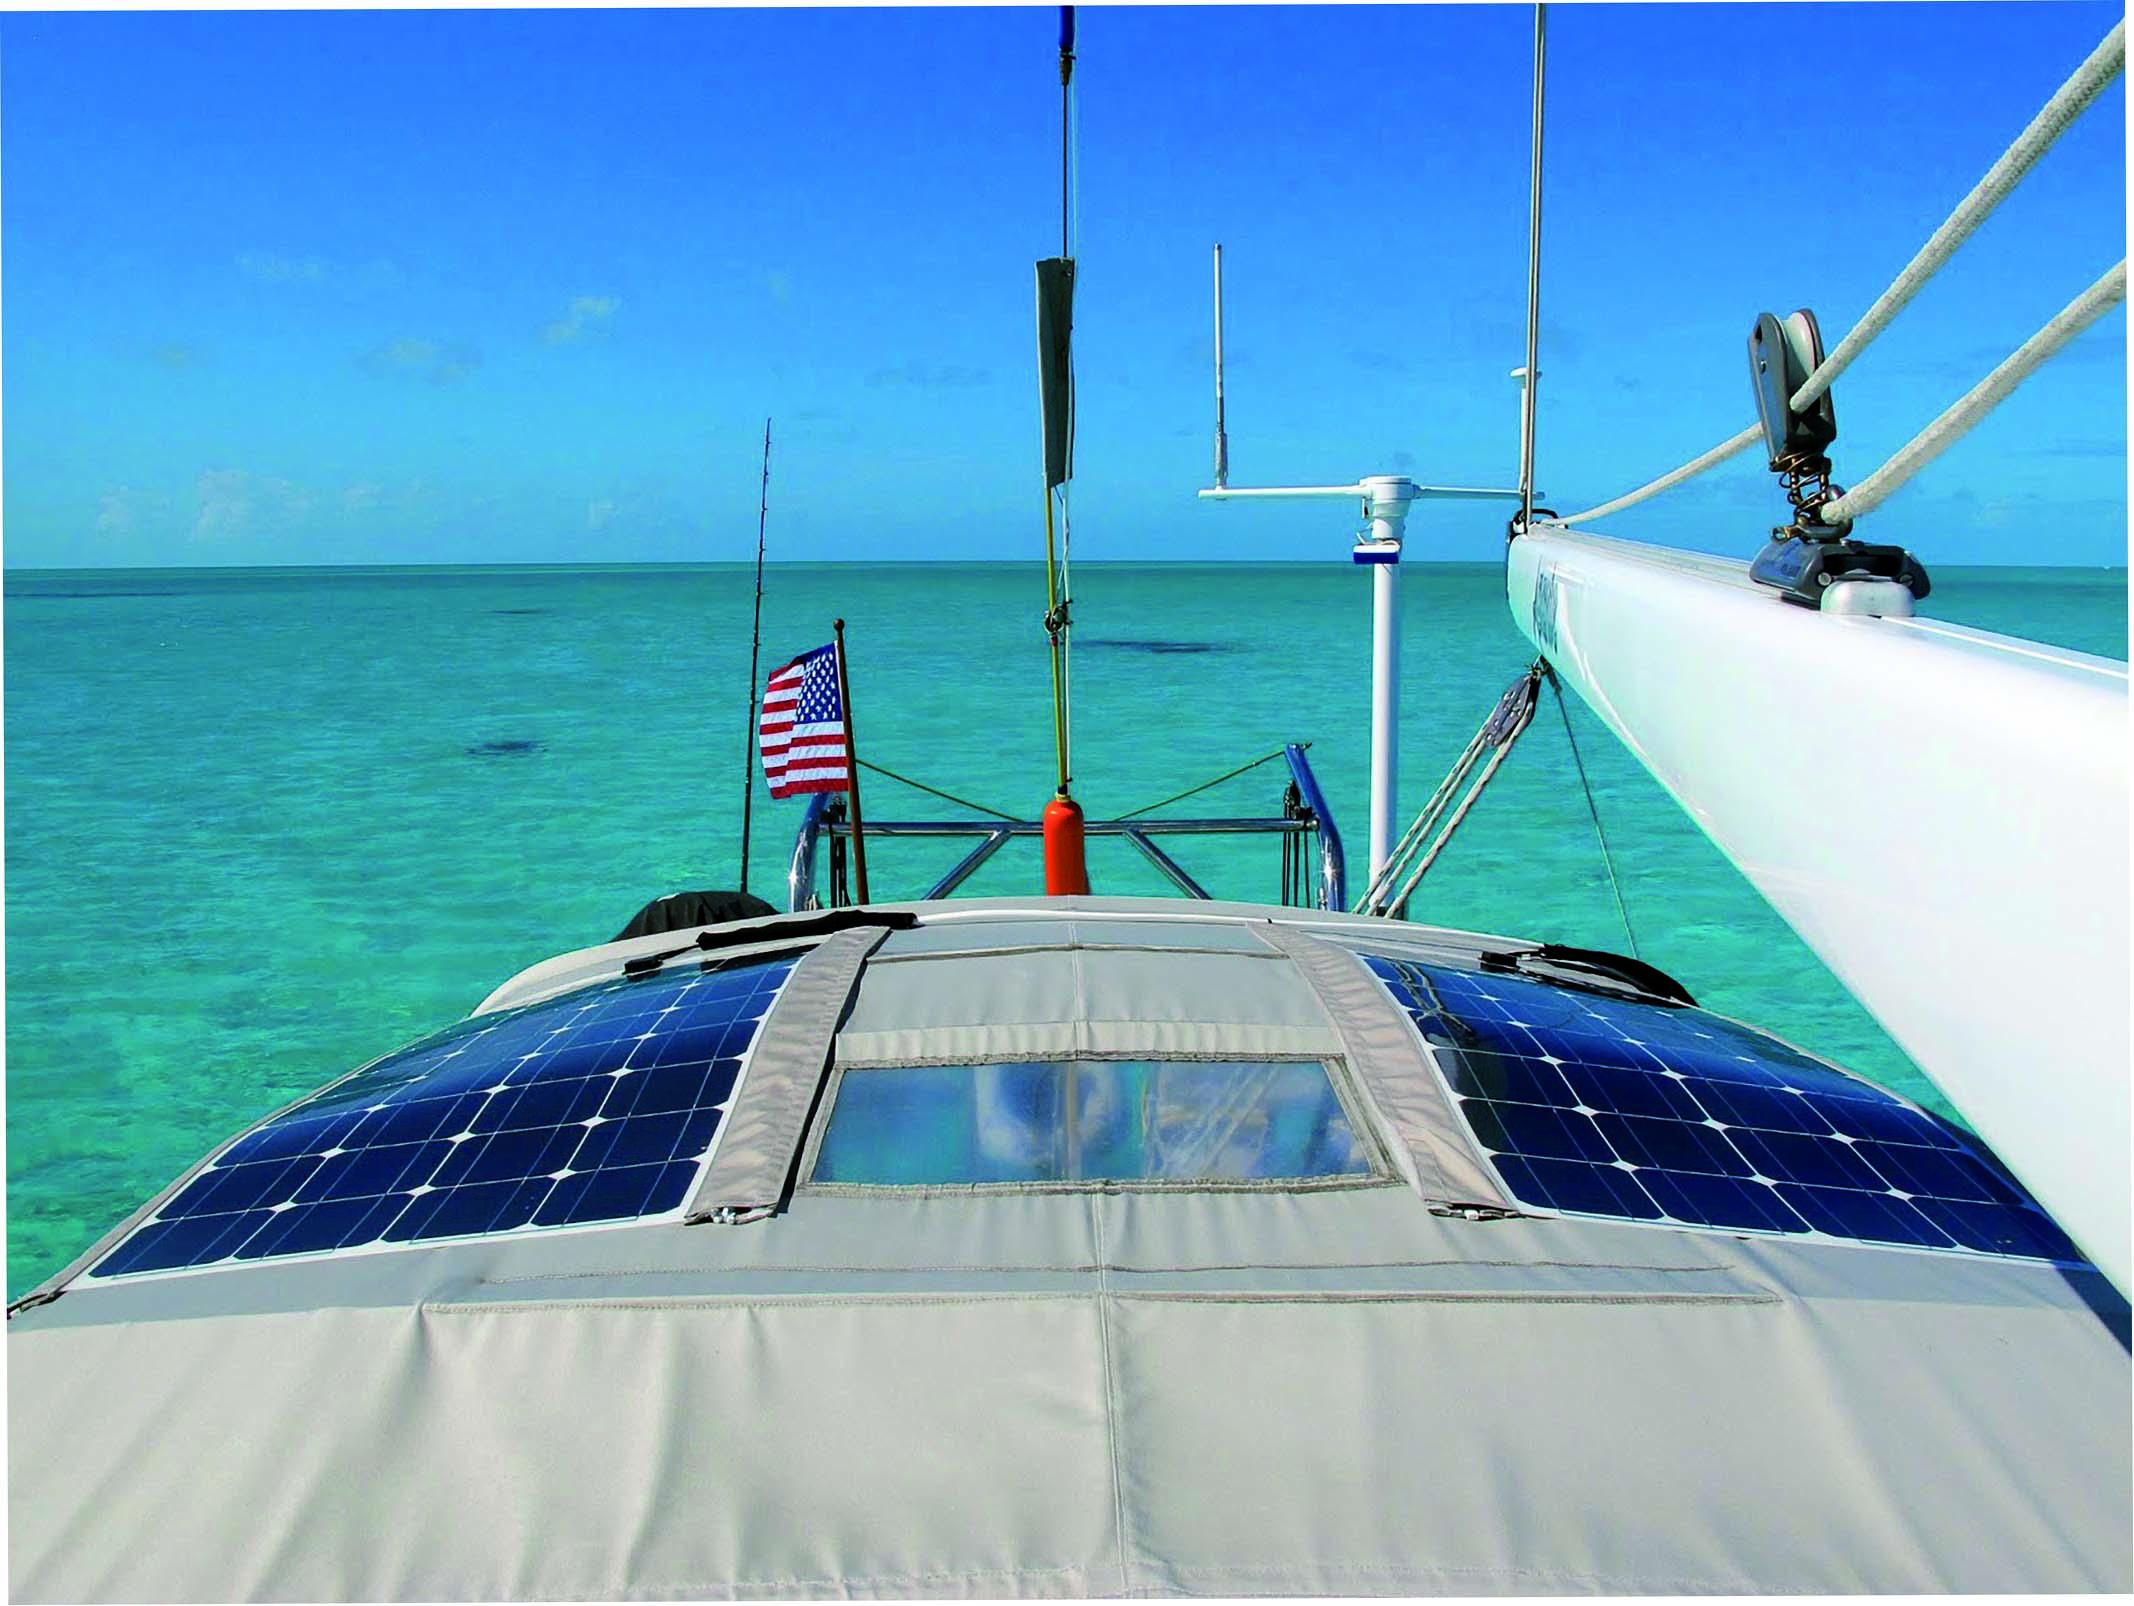 Pannello Solare Barca A Vela : State pensando di installare i pannelli solari a bordo